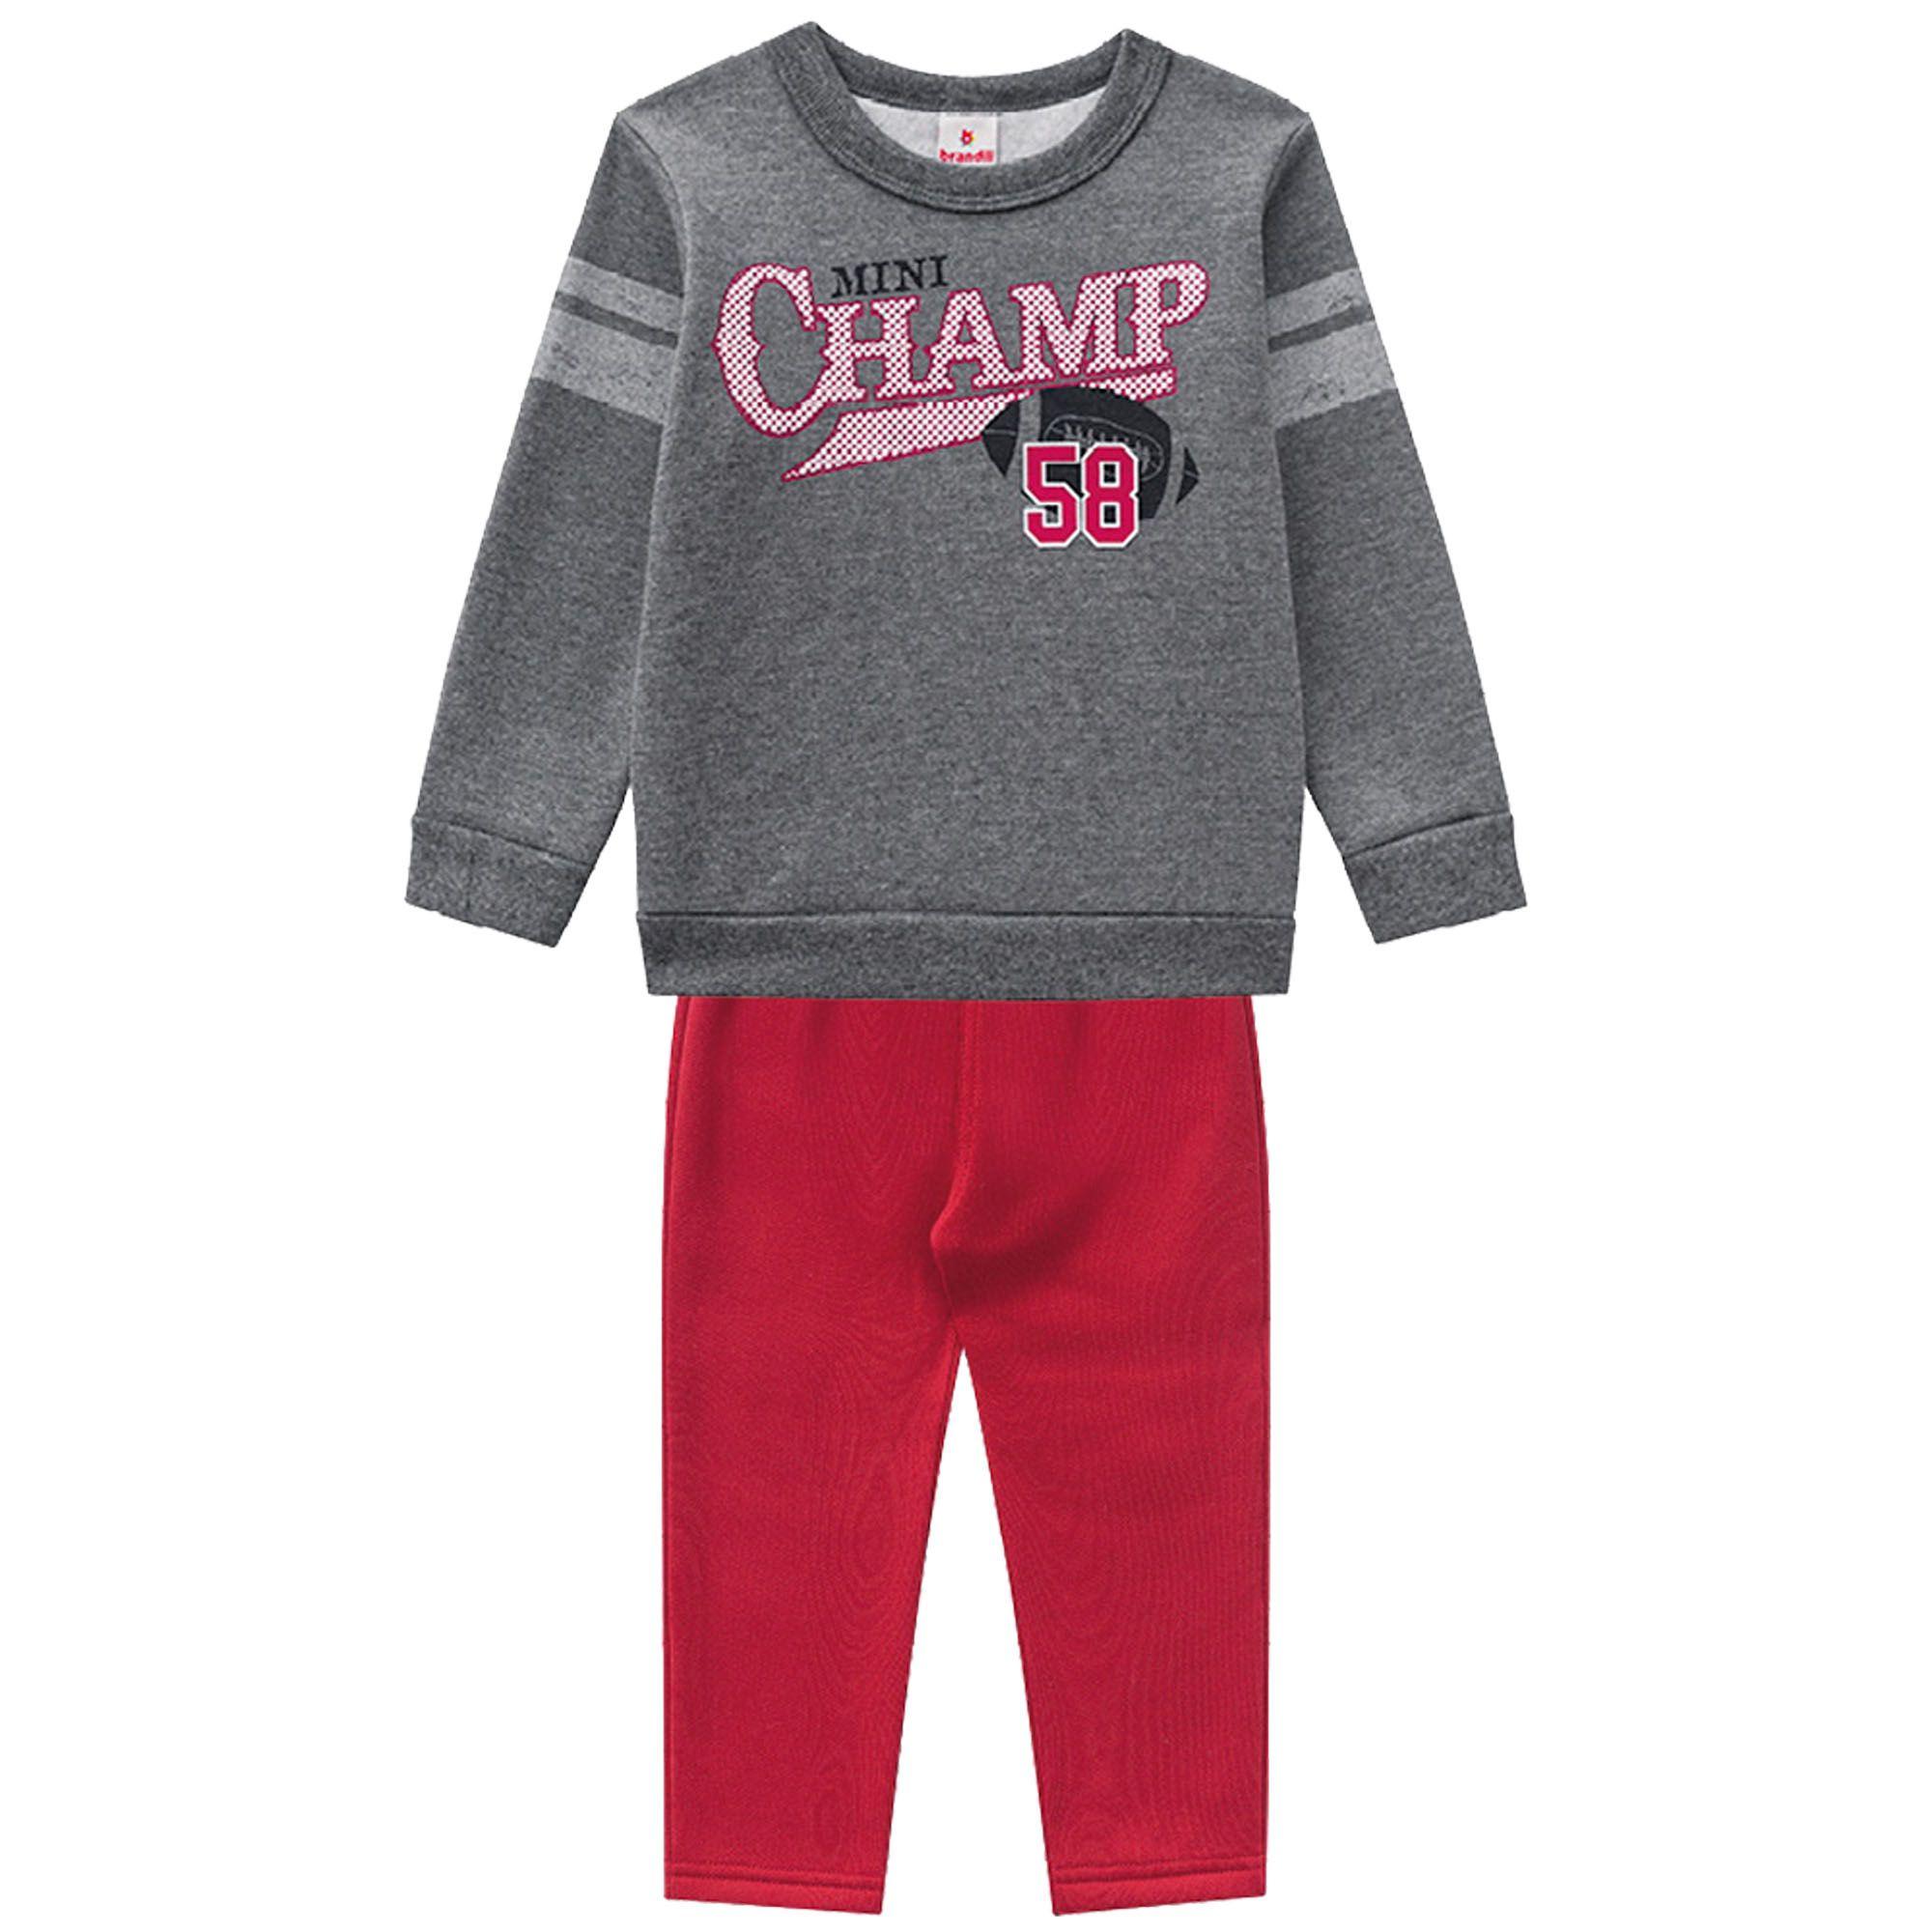 Conjunto Inverno Brandili Estampado Mini Champ 58 com calça em moletom - 01 ao 03